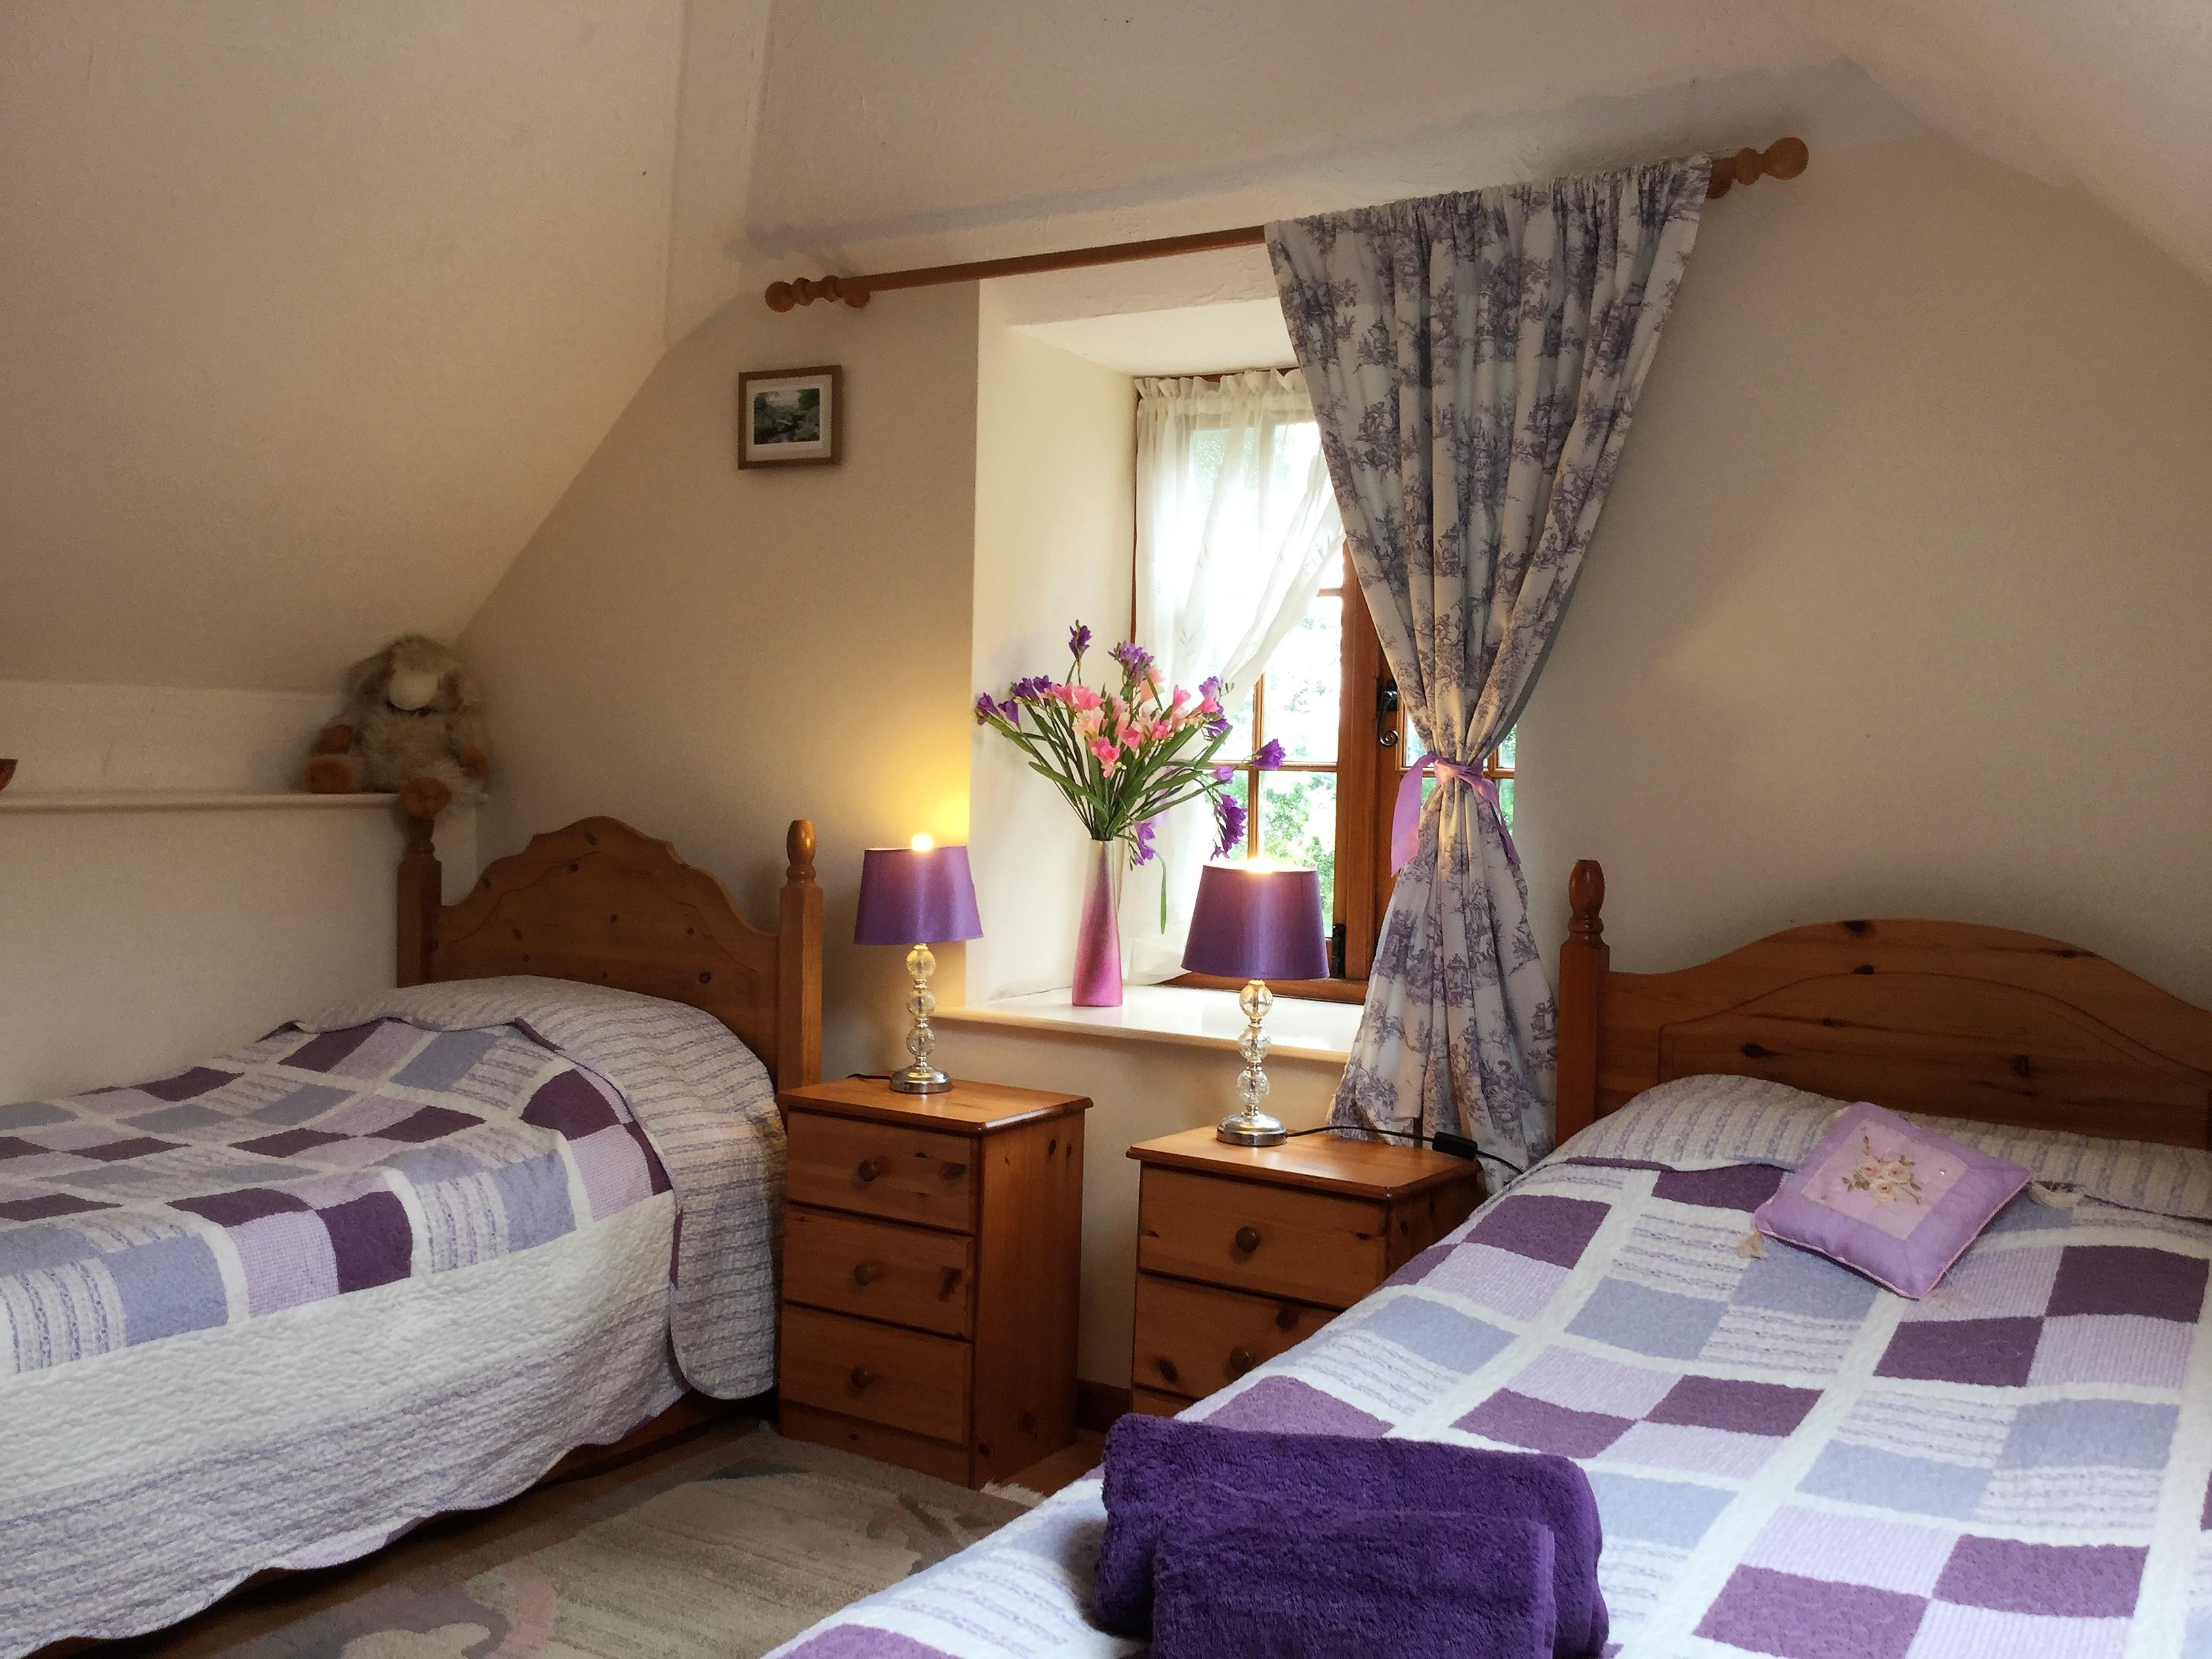 Inside the Devon Cottage of Meadow Sweet